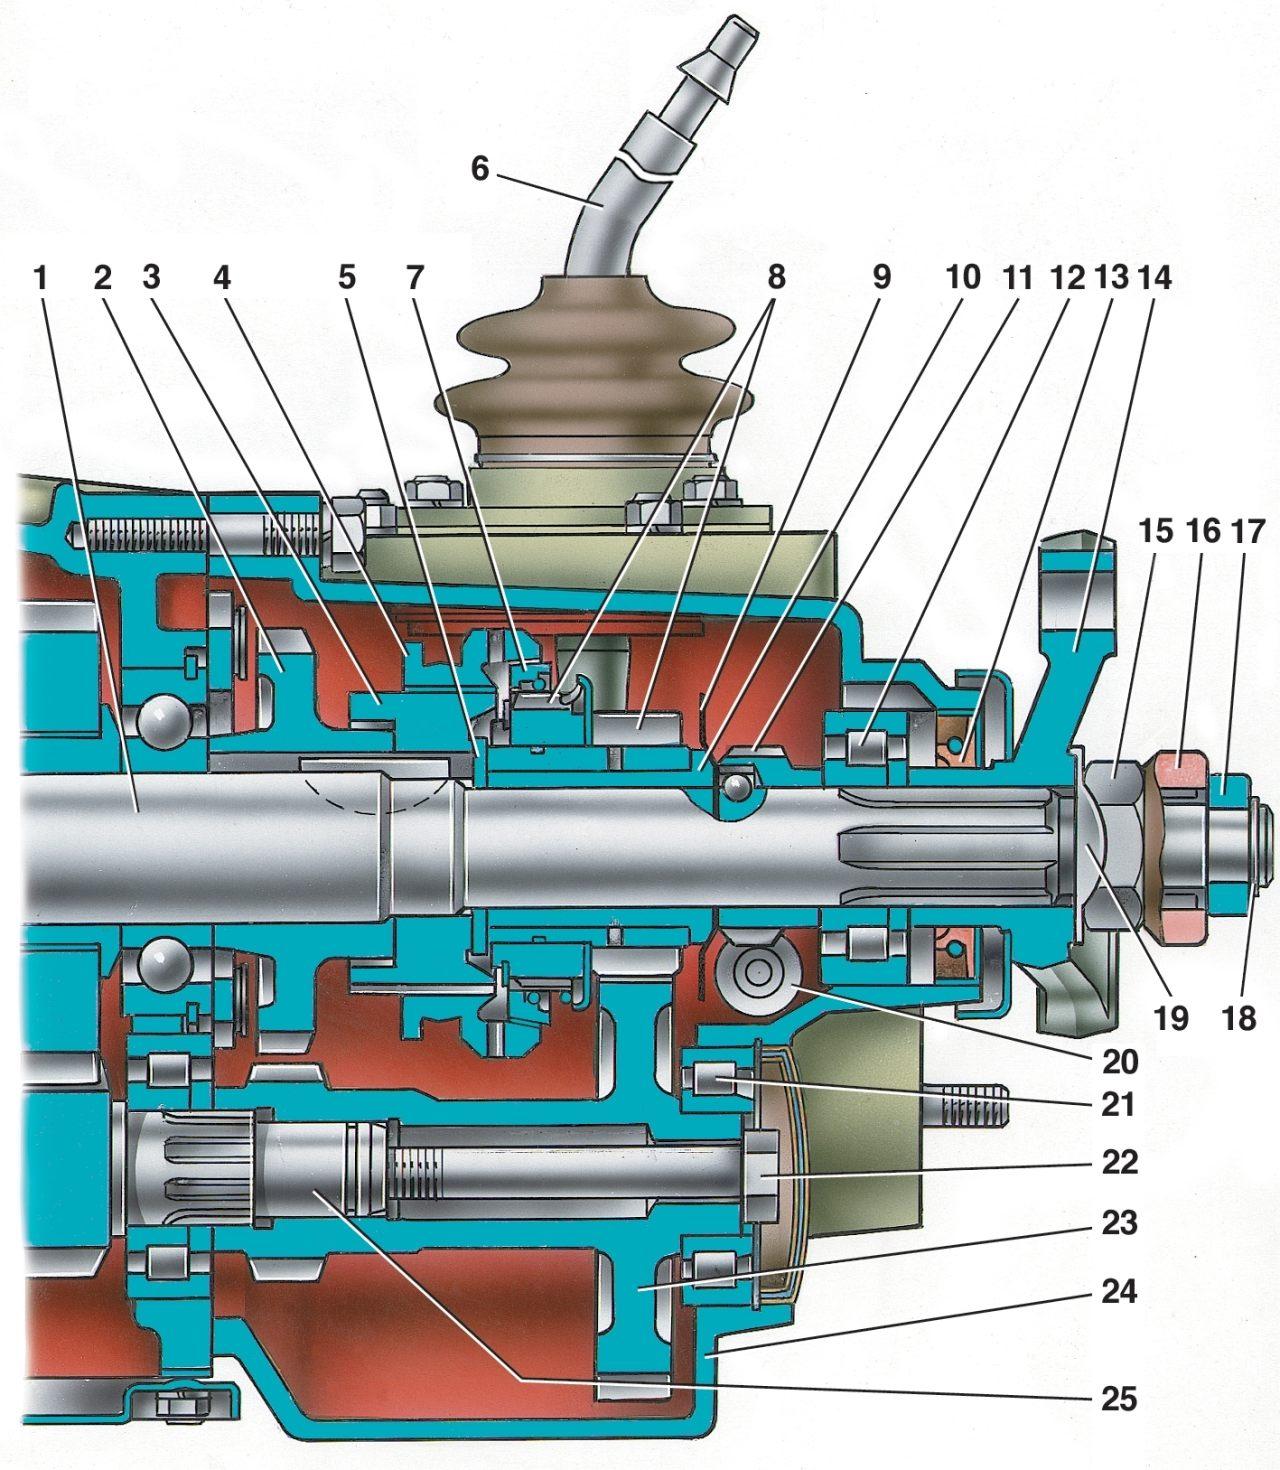 Схема электропроводки автомобиля ваз 2107 принципиальная электрическая схема автомобиля.